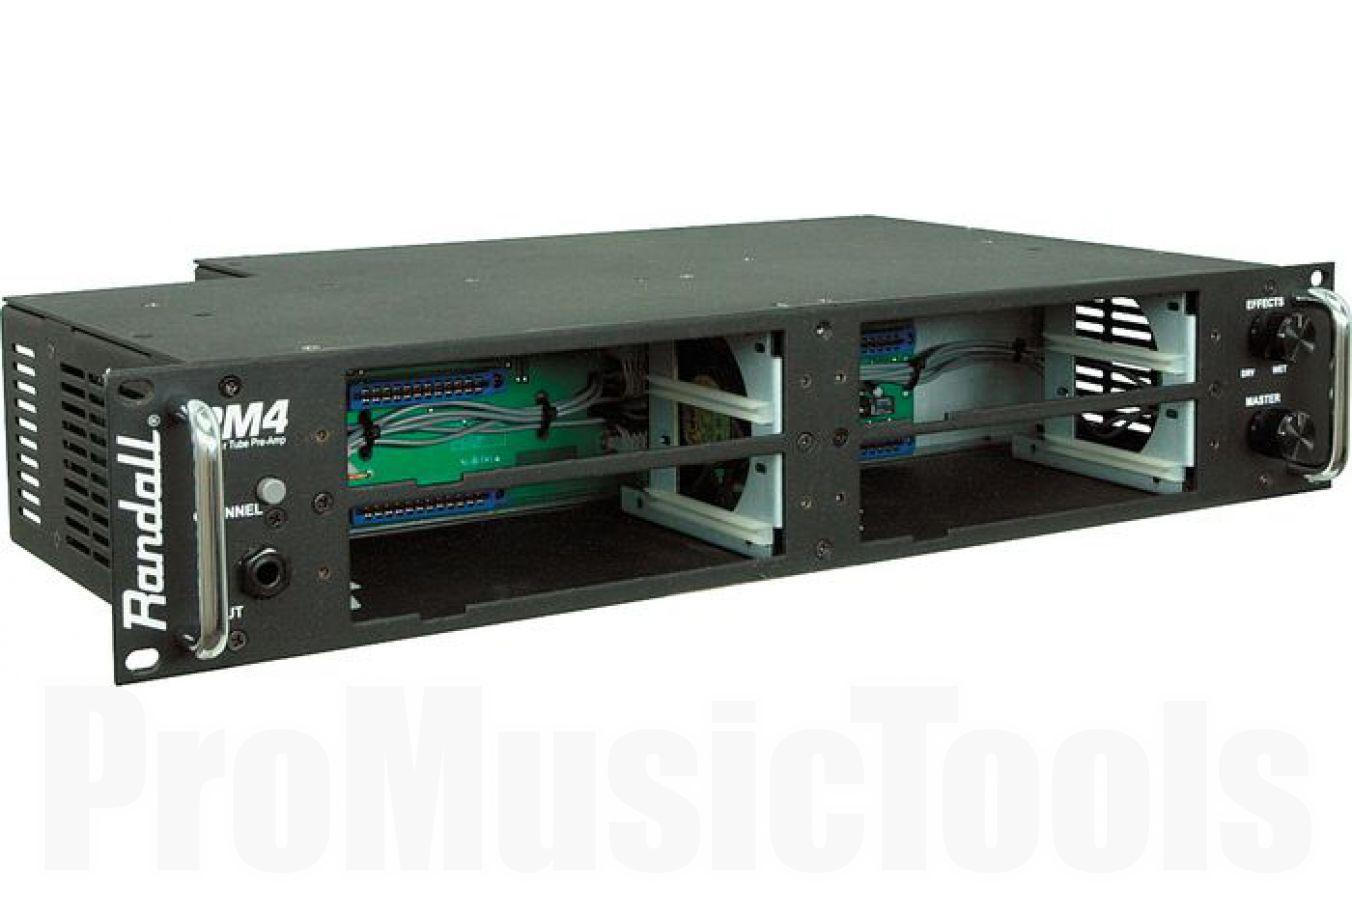 Randall USA RM4 MTS Guitar Rack Preamp Chassis